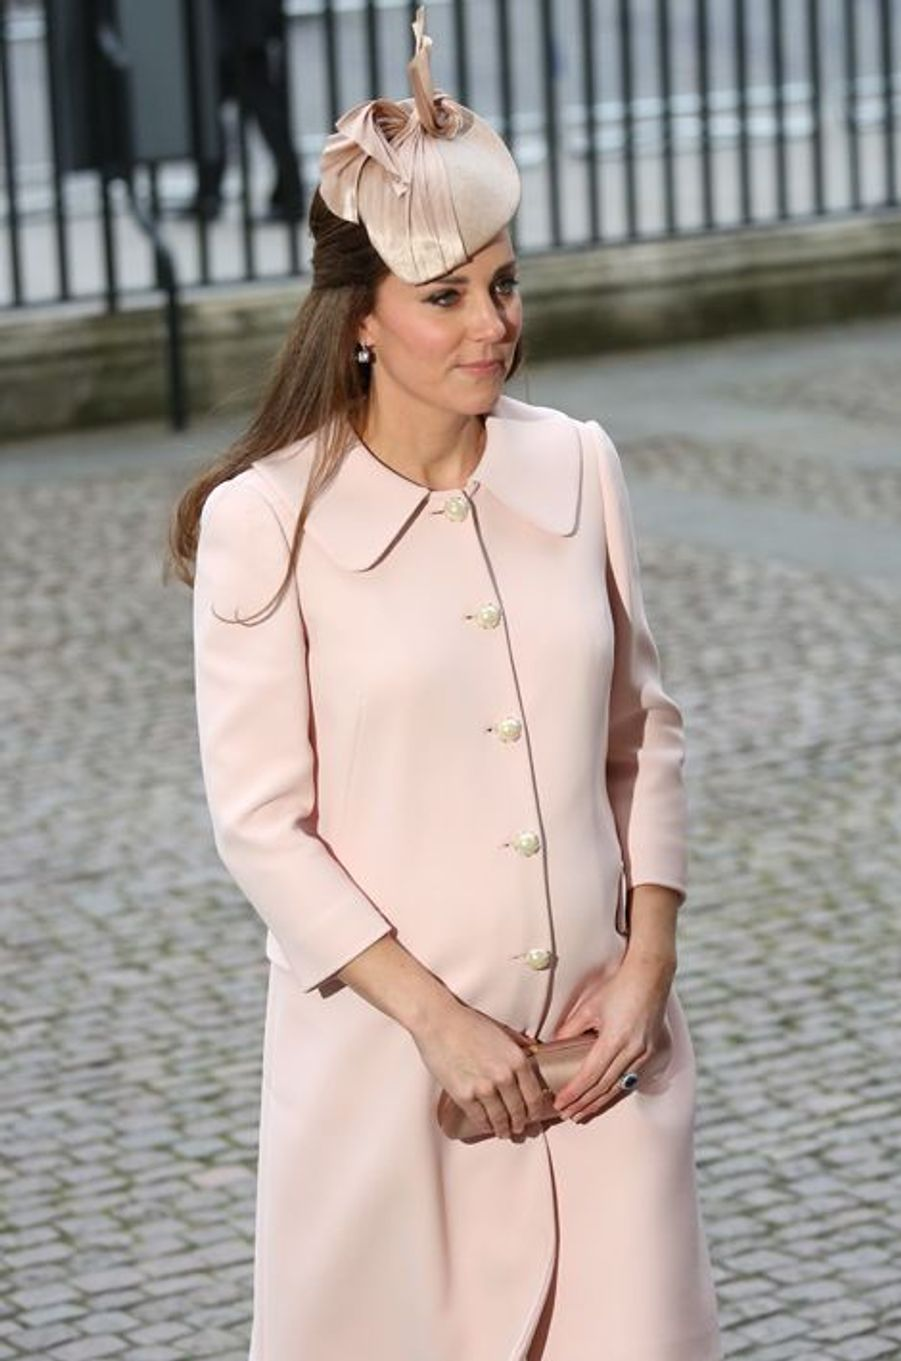 Kate arrive à l'abbaye de Westminster à Londres pour le Commonwealth Observance service, le 9 mars 2015